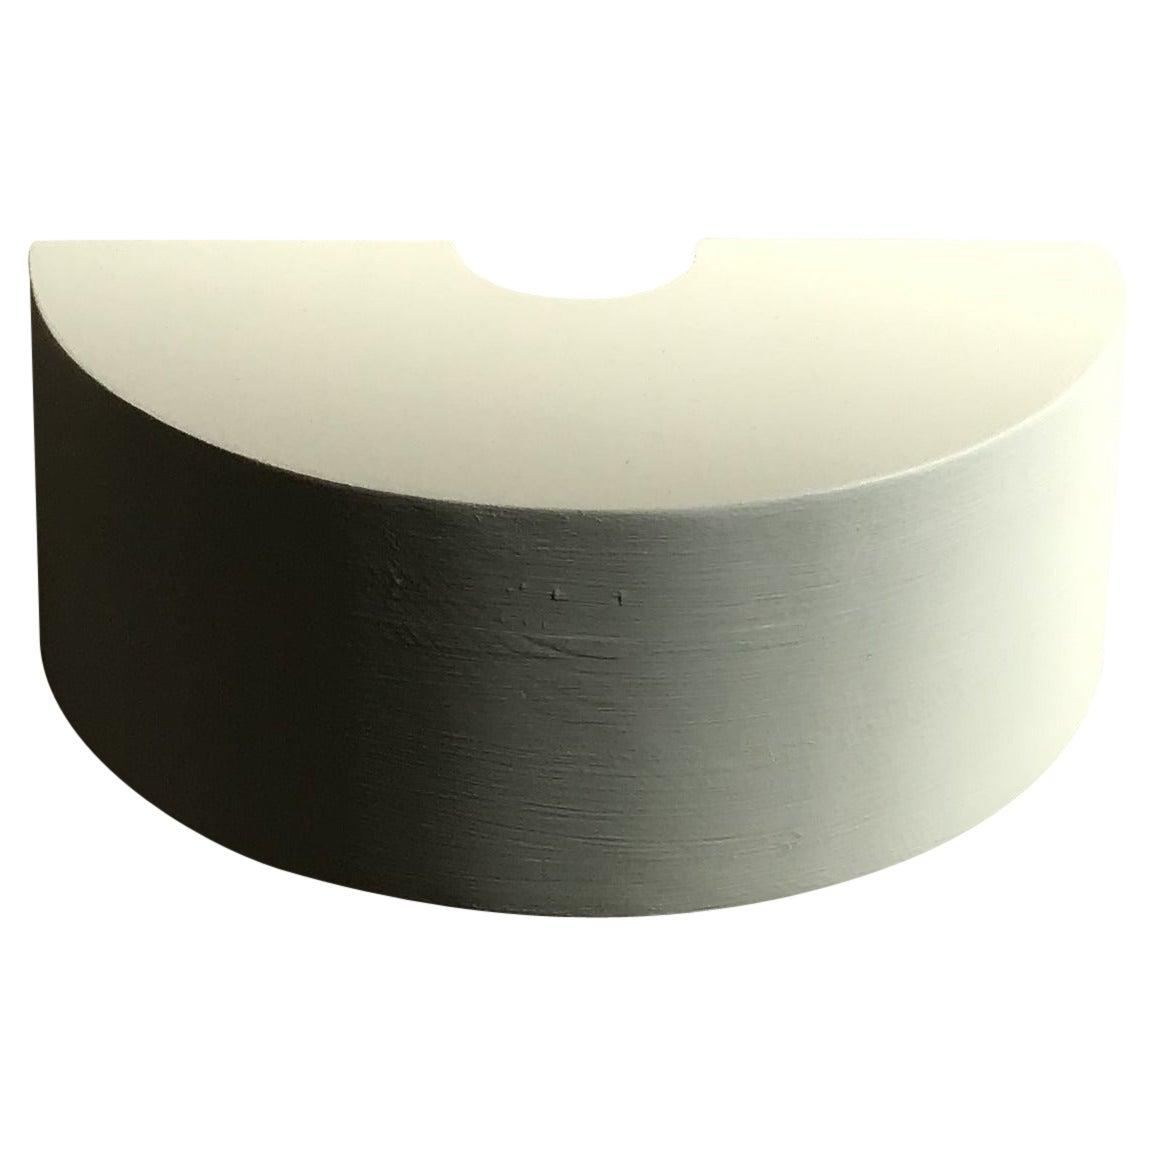 Unique Corbel Shelf by Kim Thome